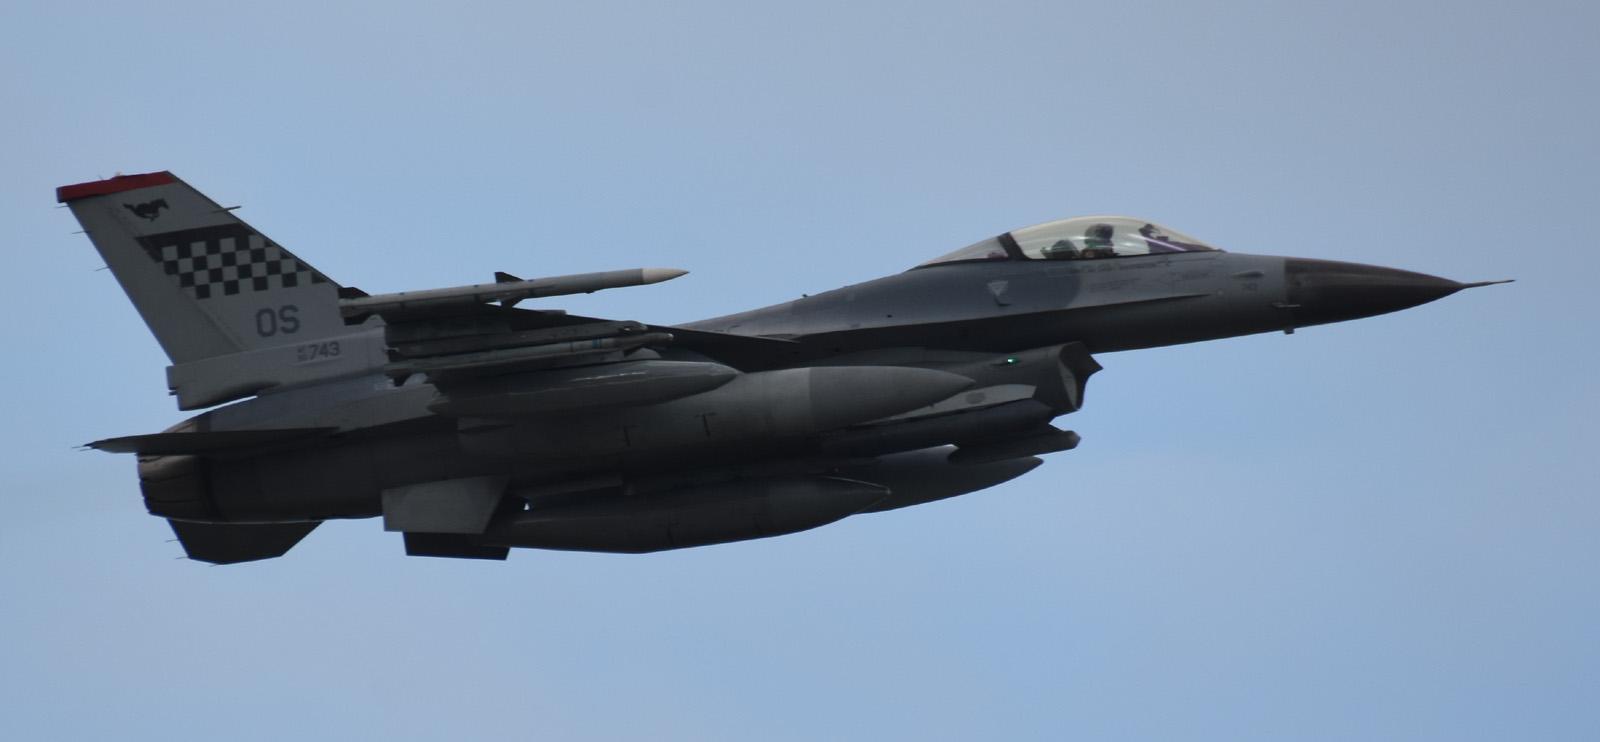 F16cm170604g369